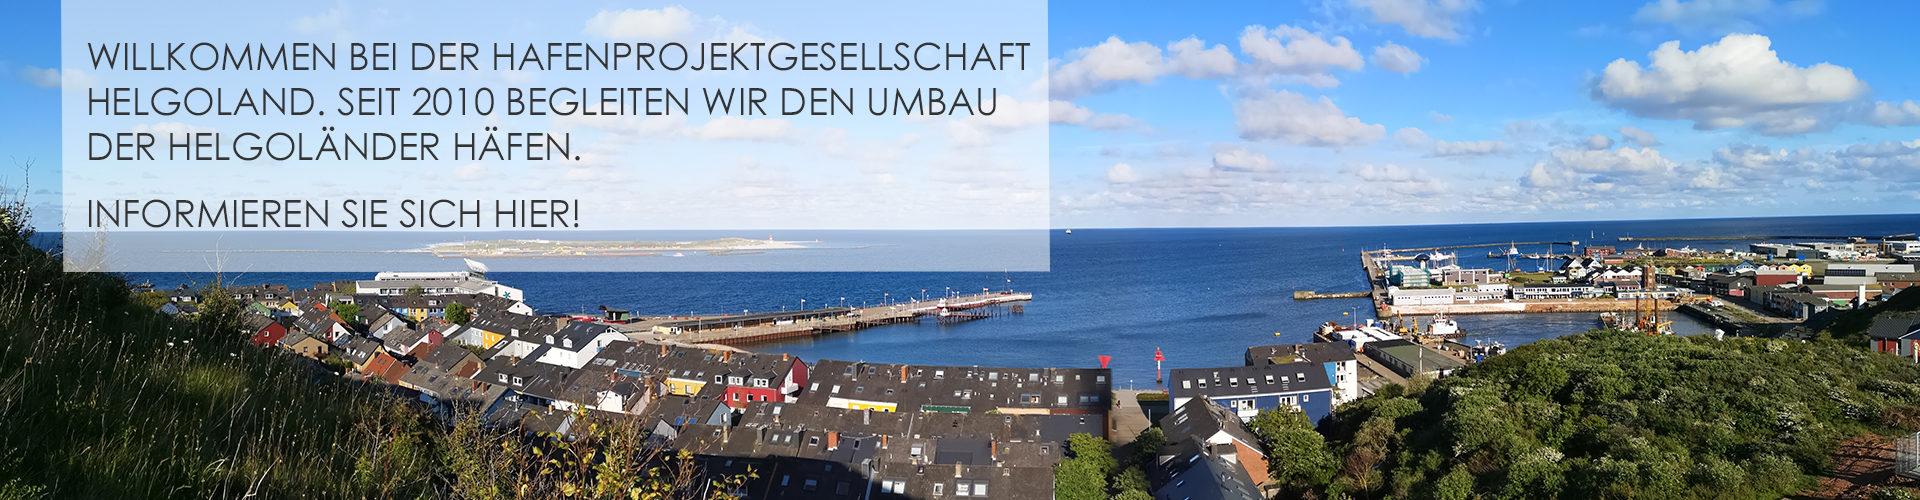 Offshore-Hafen Helgoland